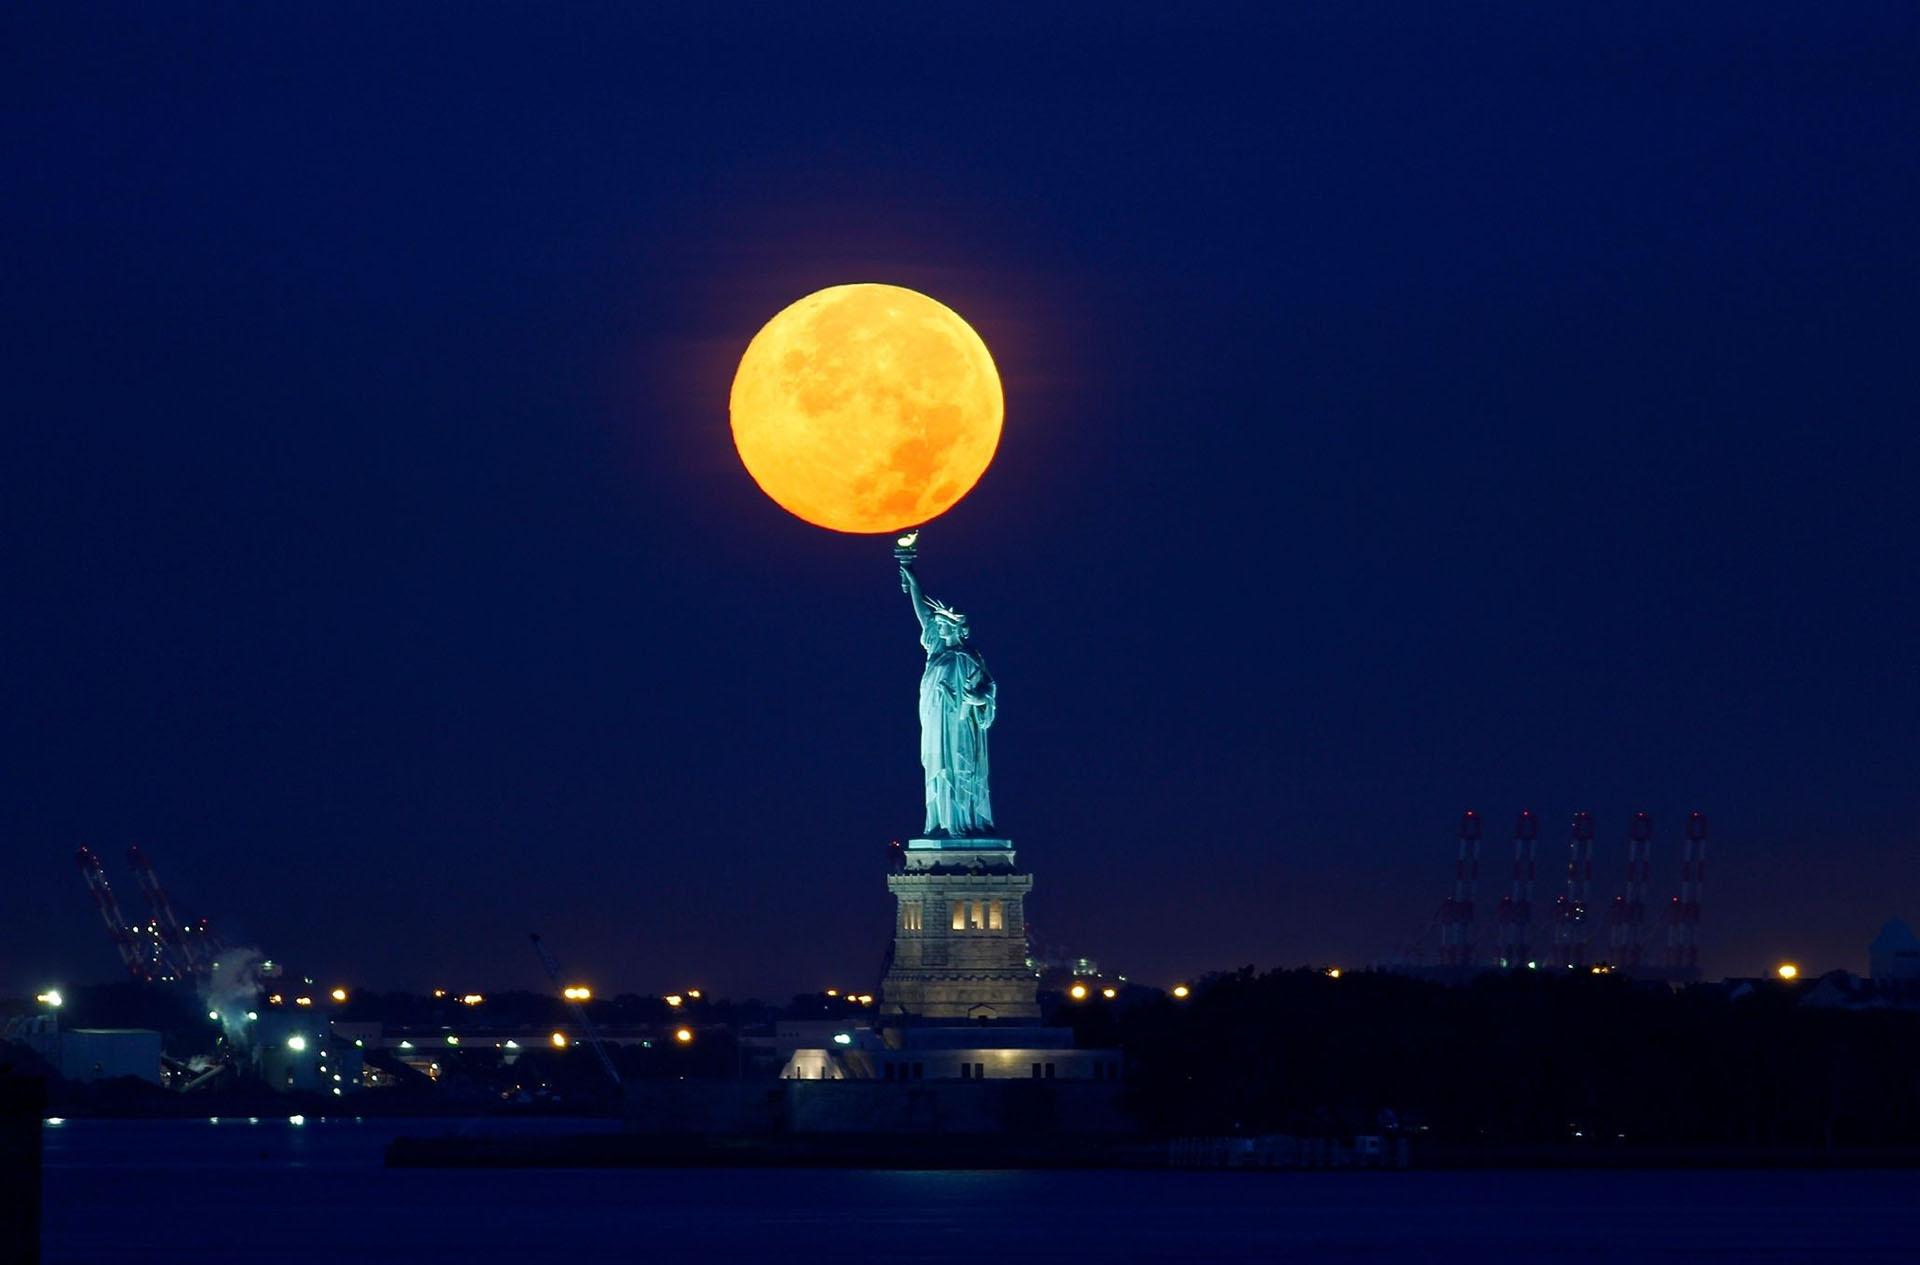 Hình ảnh siêu trăng trên bầu trời đêm New York